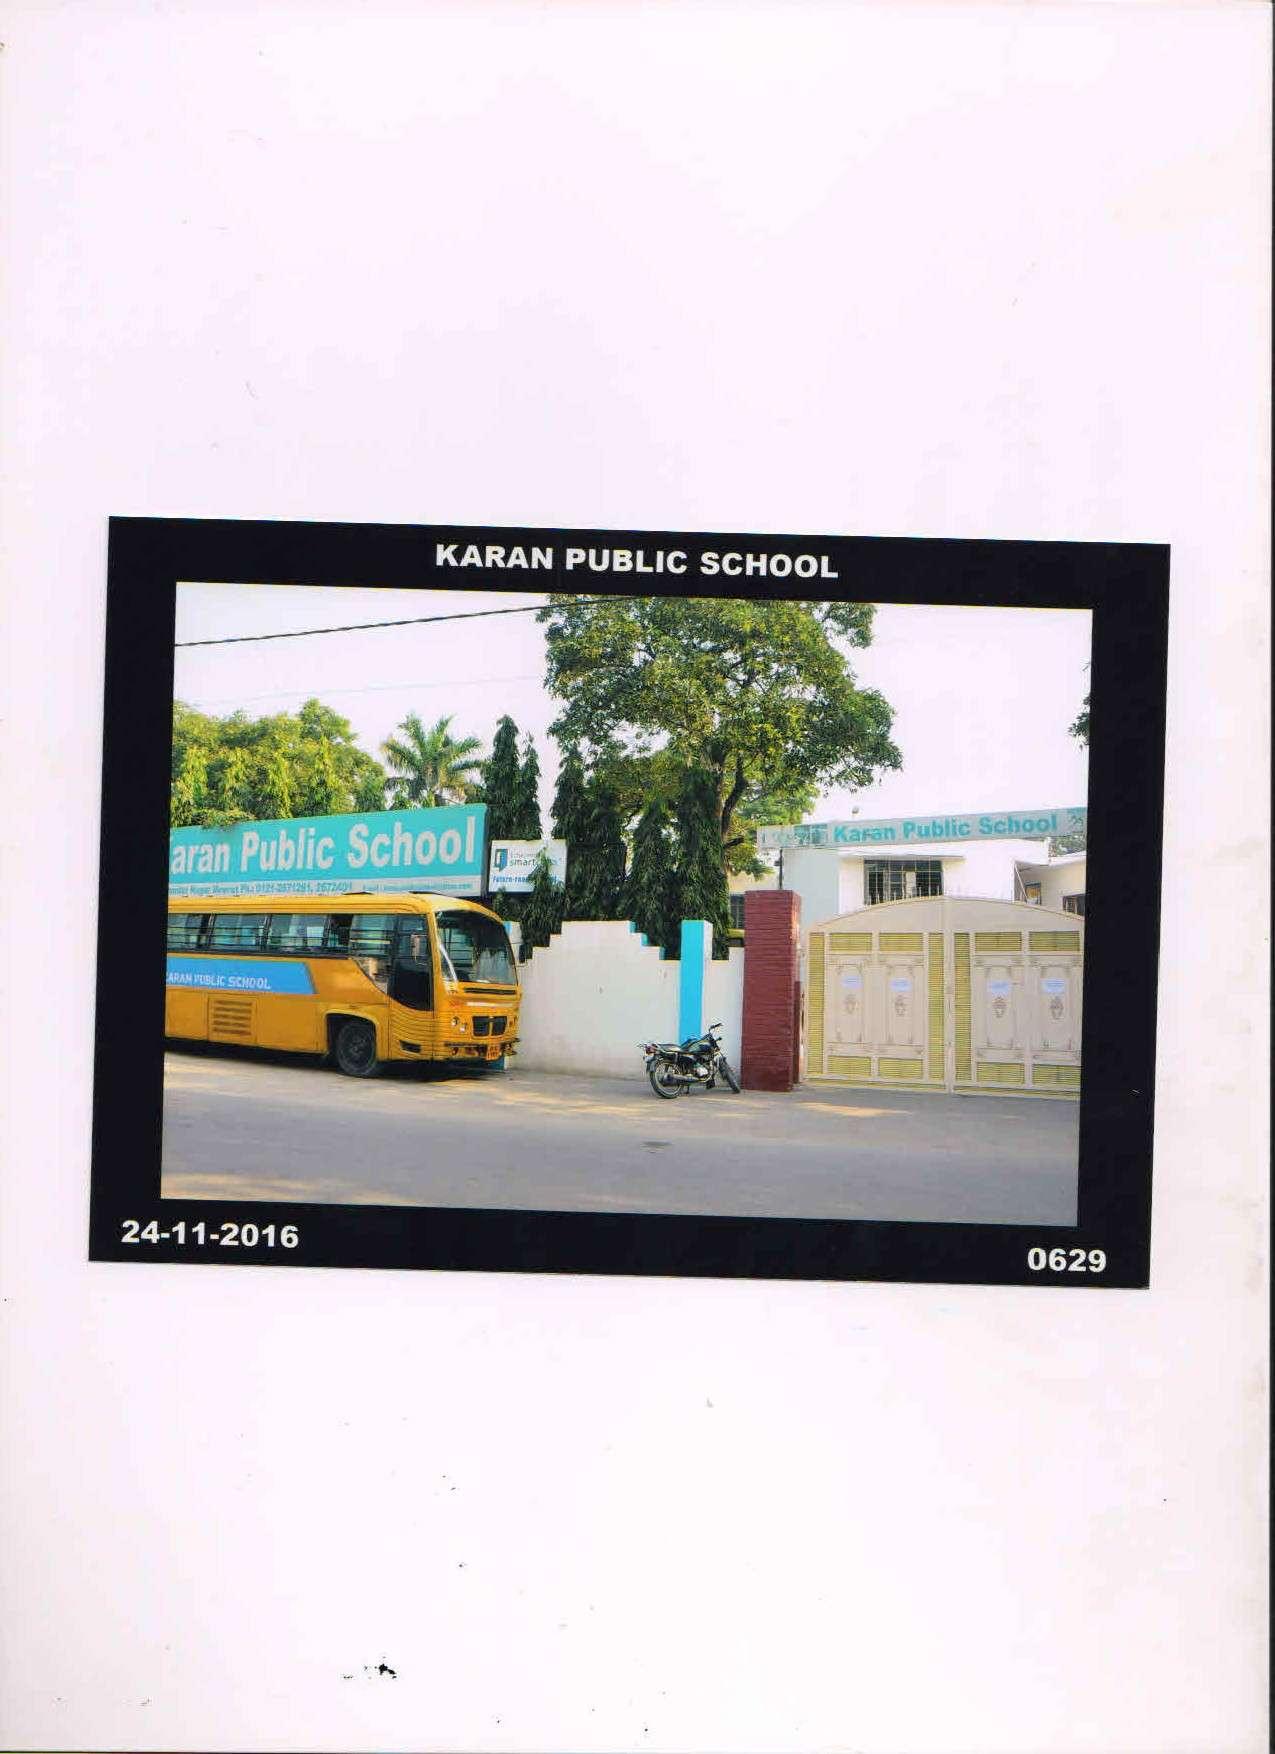 KARAN PUBLIC SCHOOL 261 PANDAV NAGAR MEERUT UTTAR PRADESH 2130285